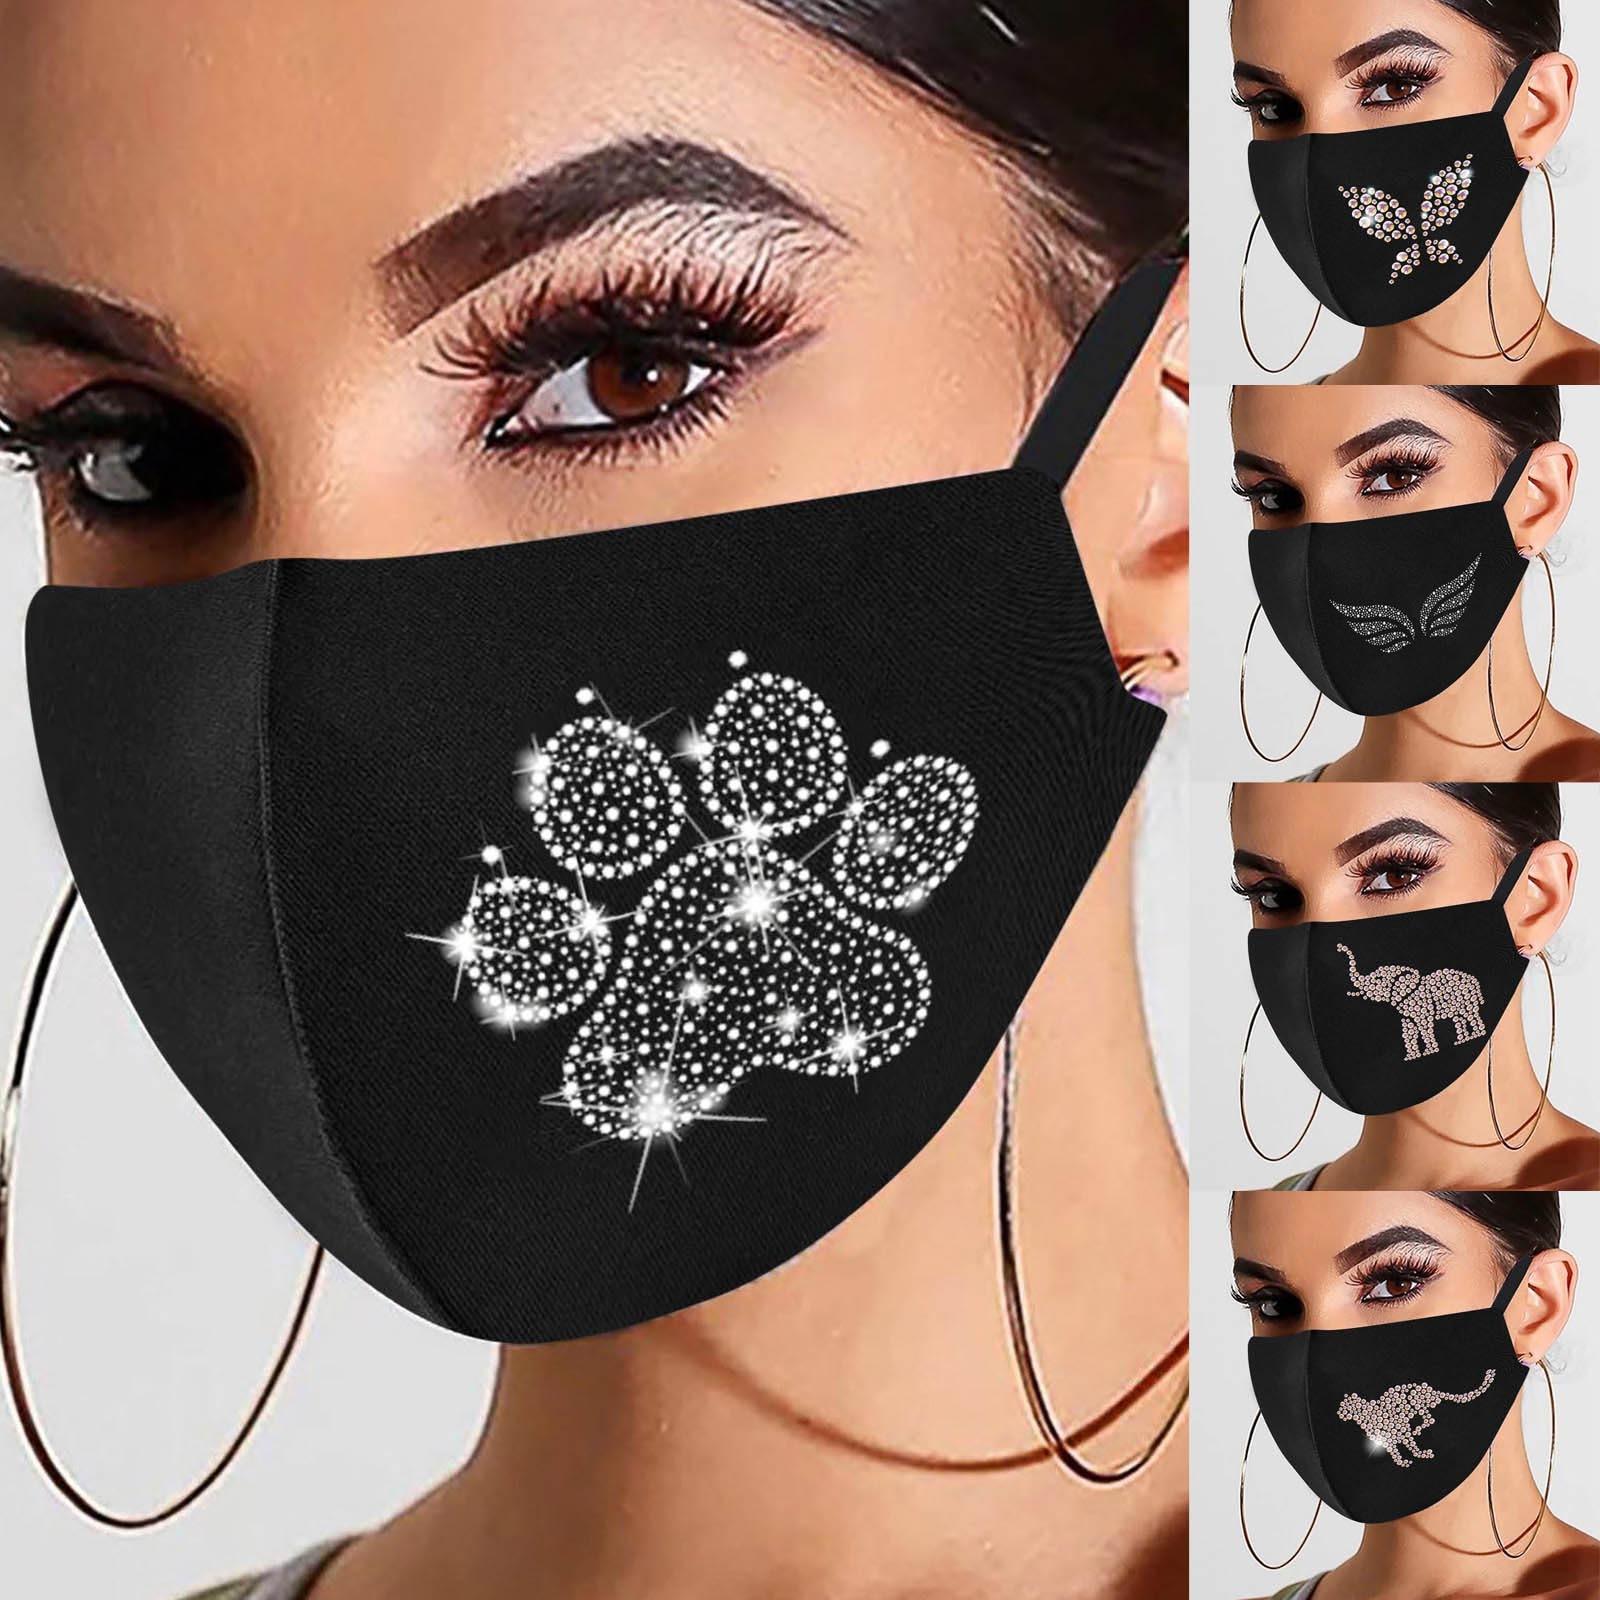 1 шт. блестящая Милая креативная маска для лица с рисунком крыльев слона собачьих лап Стразы многоразовая дышащая маска